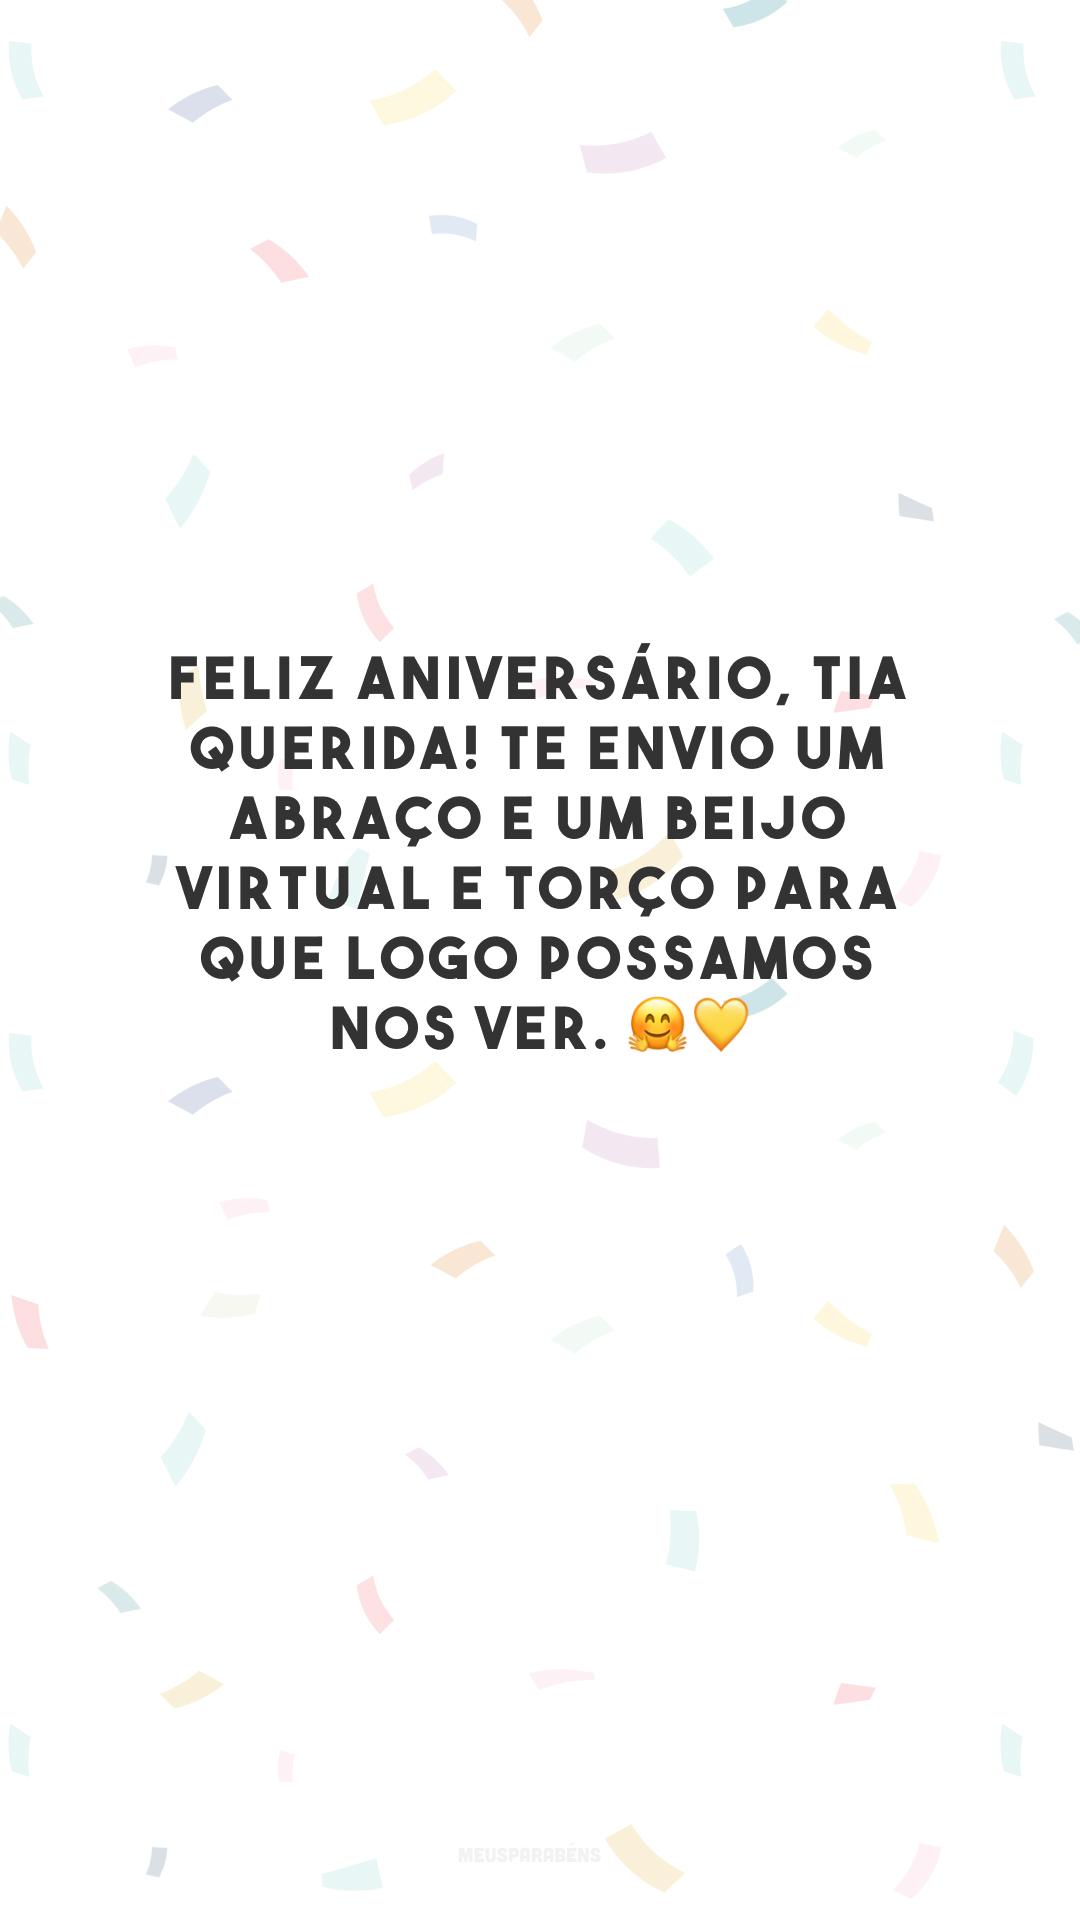 Feliz aniversário, tia querida! Te envio um abraço e um beijo virtual e torço para que logo possamos nos ver. 🤗💛